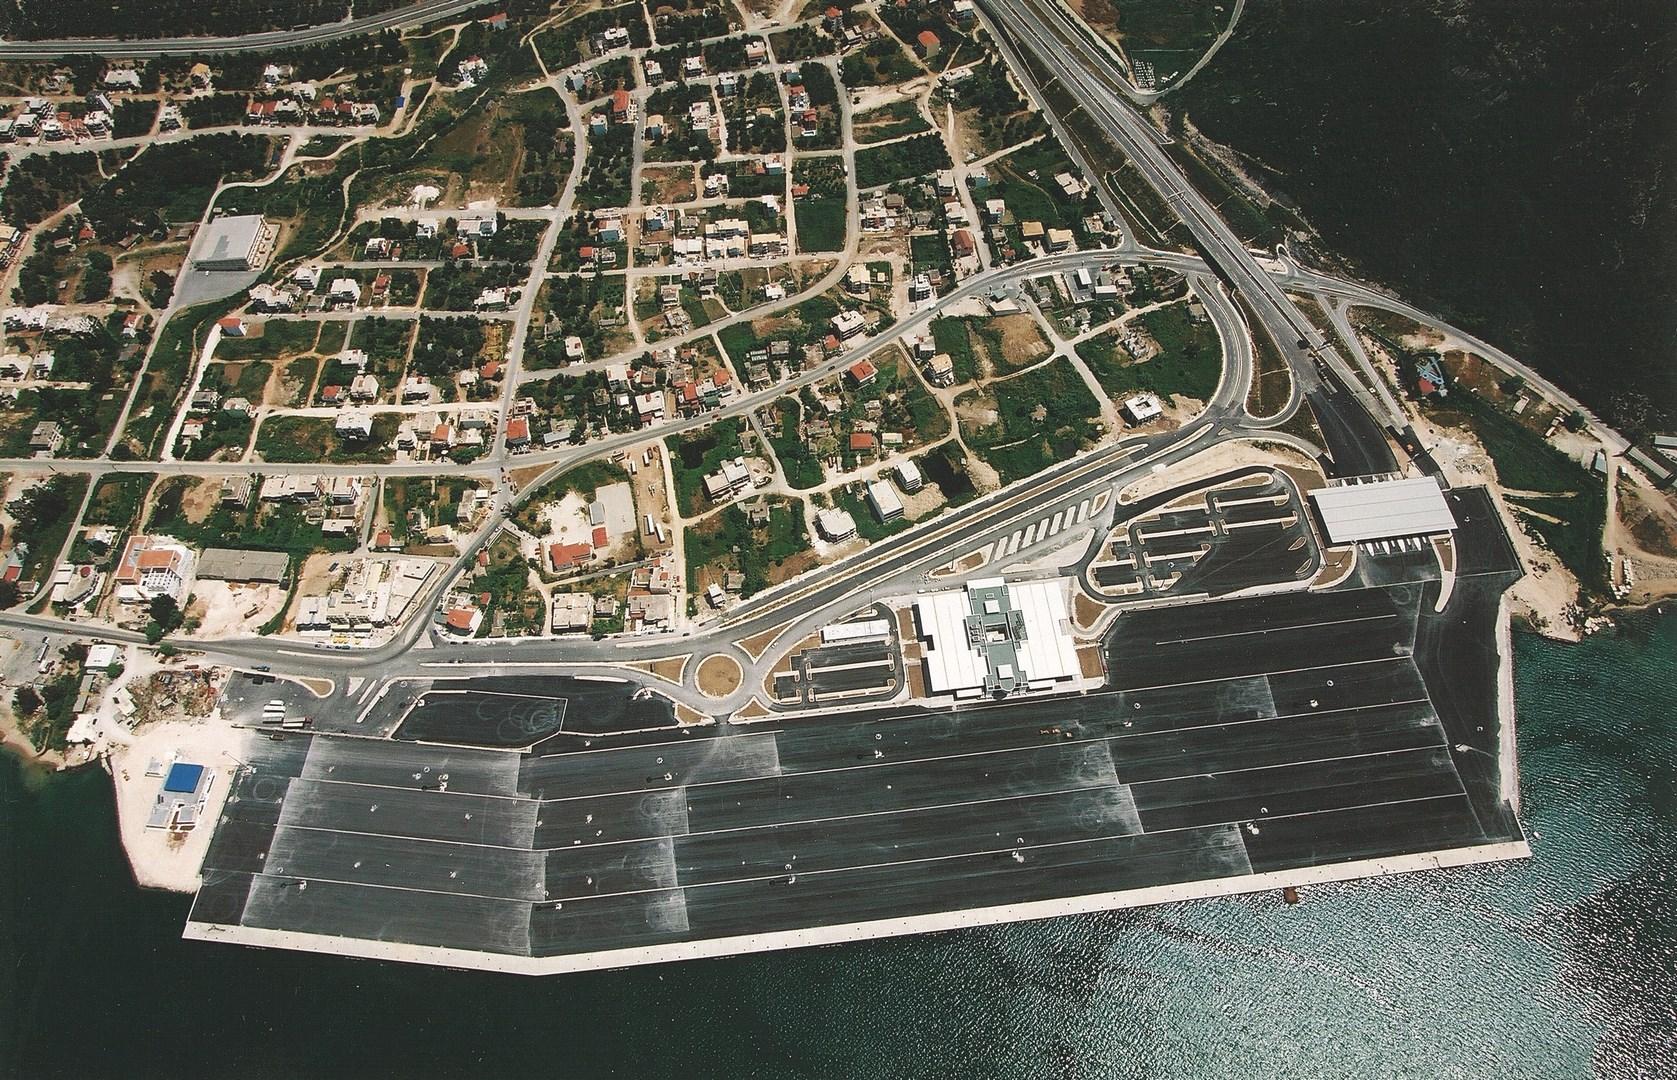 Vista aérea del Puerto de Igoumenitsa en Grecia